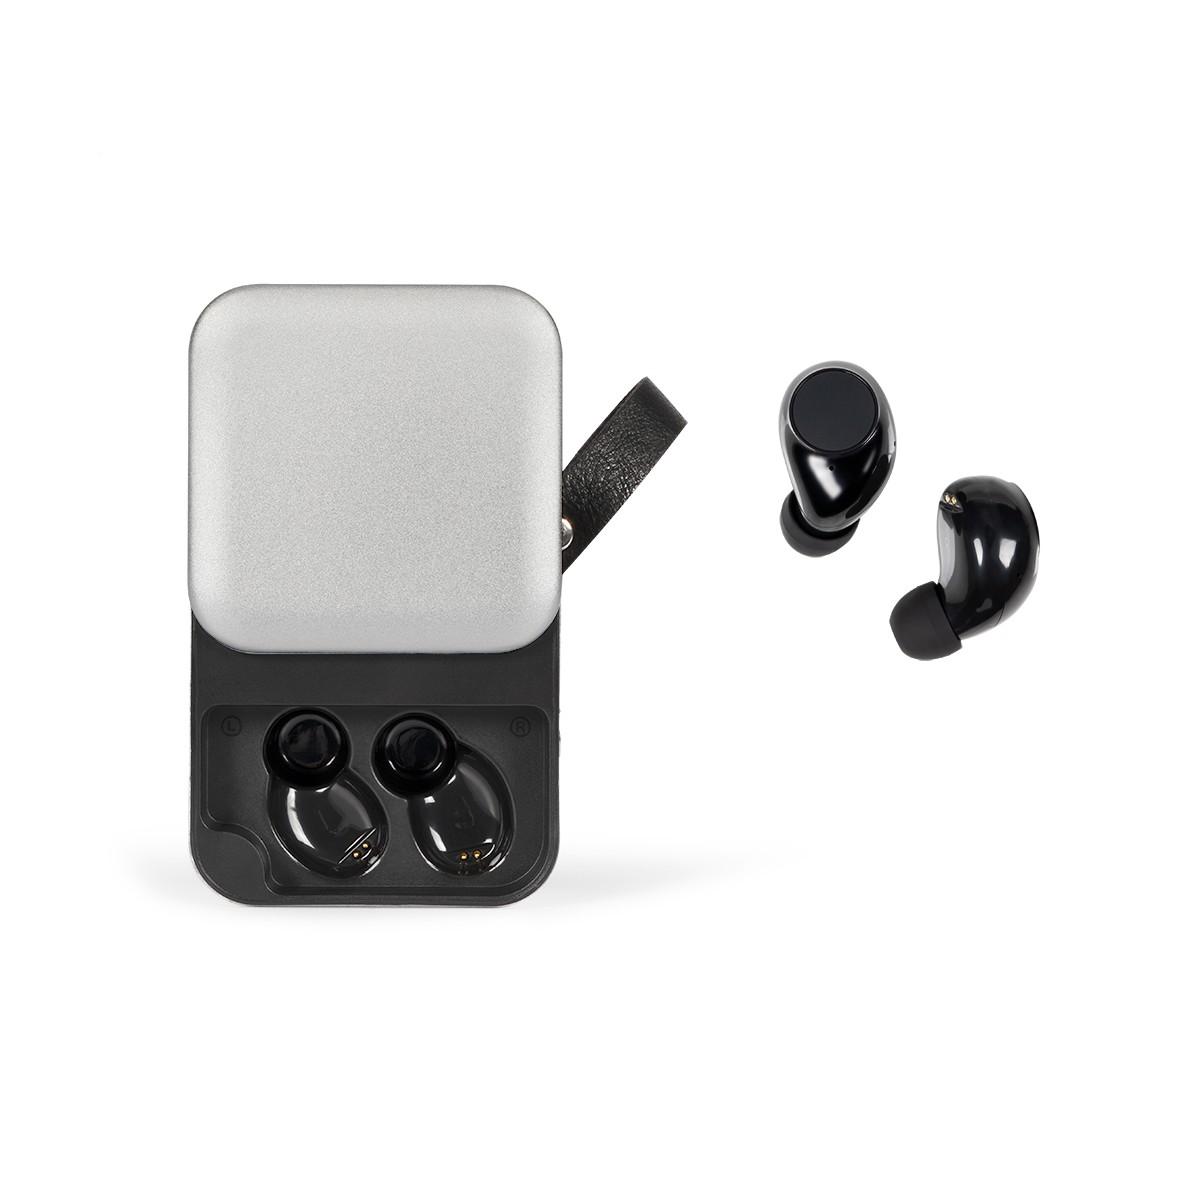 Écouteurs compatibles Bluetooth en ABS argent